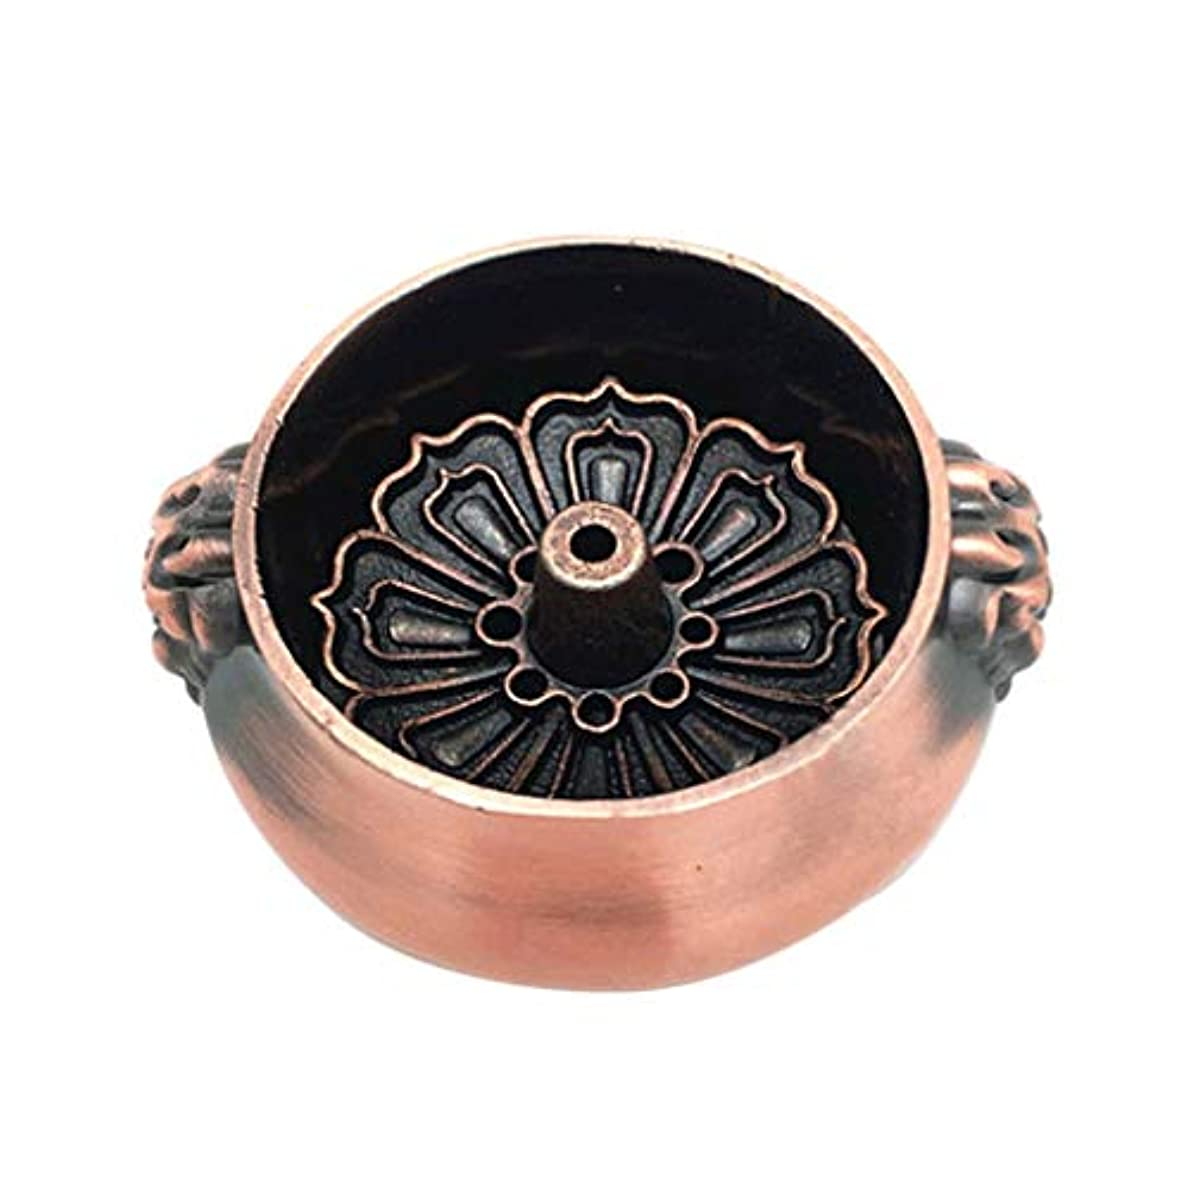 識別十分です手伝う合金香バーナー花香バーナースティックホルダーロータス形状銅香ベースプラグホームデコレーション香ホルダー (Color : Brass, サイズ : 2.36*1.06inchs)